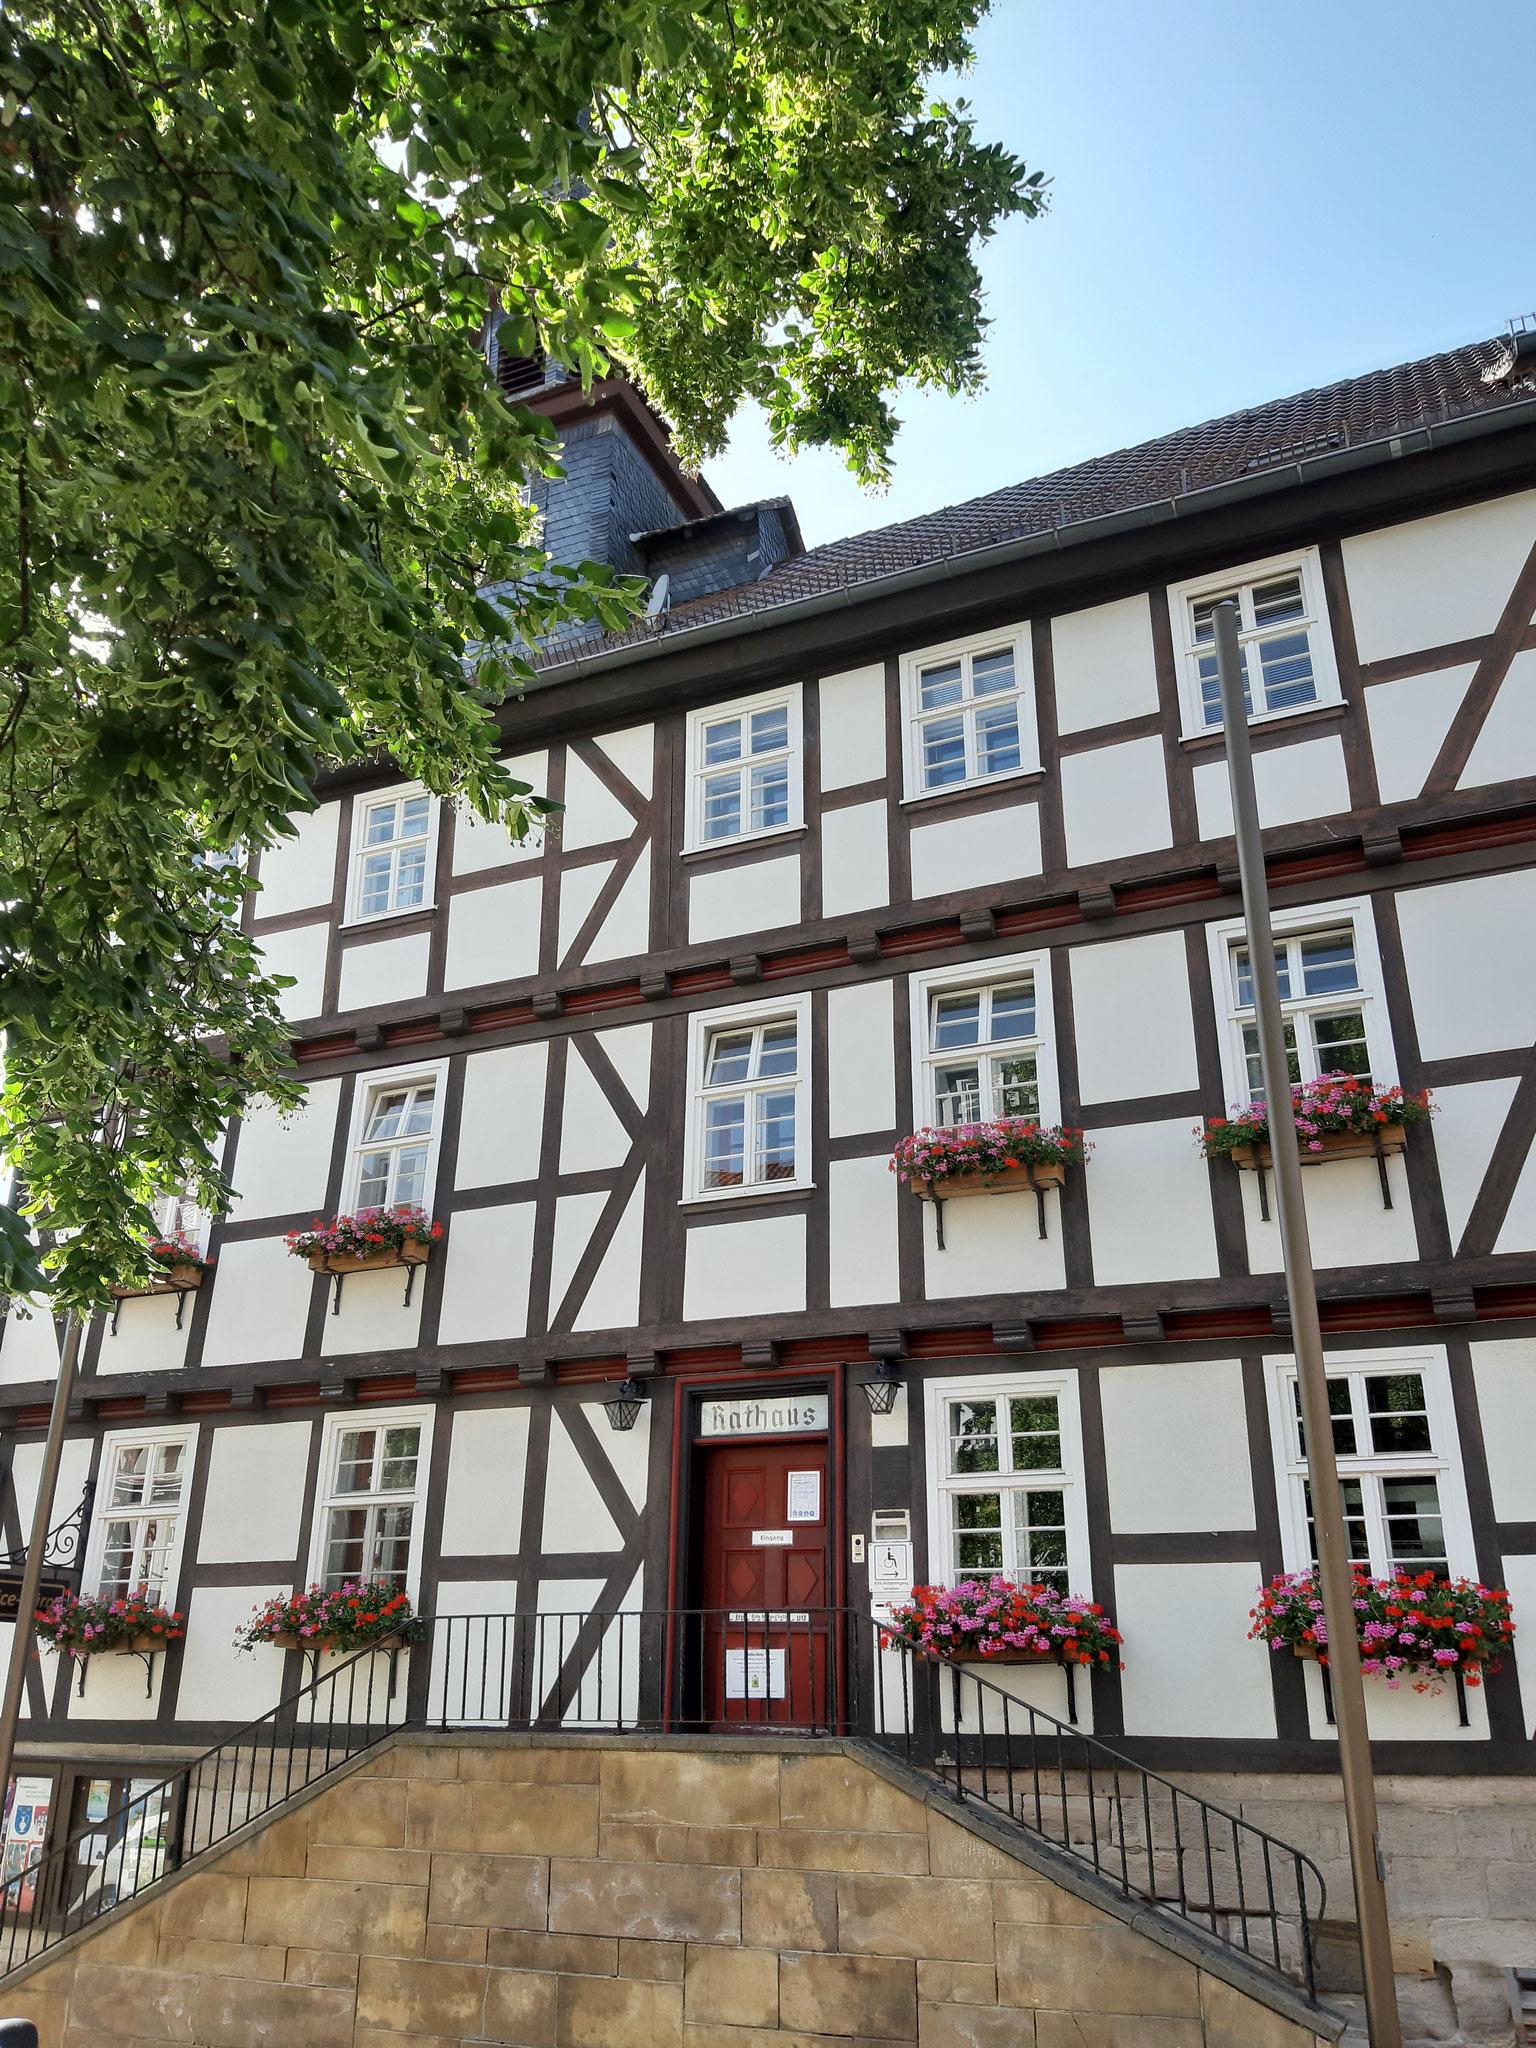 Das Rathaus in Bad Sooden-Allendorf